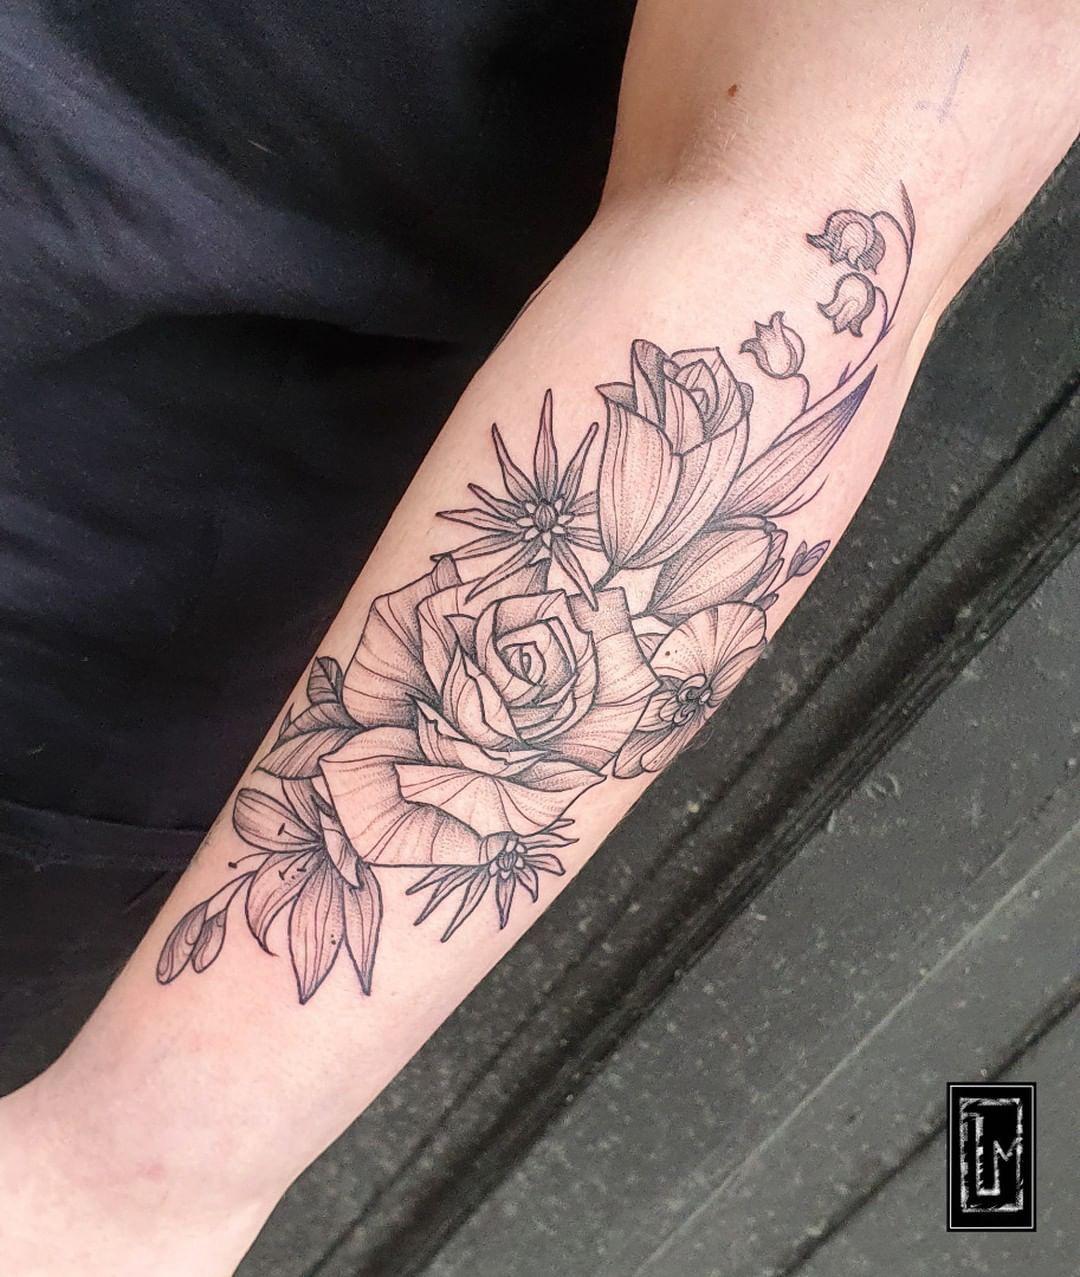 C'est le printemps! Bon, c'est vrai qu'actuellement on en profite pas des masses, mais c'est un plaisir de voir les arbres verdir à nouveau et le soleil pointer le bout de son nez 🌸 . On a fleurit le bras de Bilitis la semaine juste avant le confinement, et c'était très chouette. Un grand merci à toi 🖤 . #tattoo #flash #tattooflash #artwork #tatouage #artoriatatouage #paristattoo #lemarais #inkedboy #inkedgirl #flowers #flowertattoo #rosetattoo #spring #floraltattoo #darkartist #lovetattoos #b